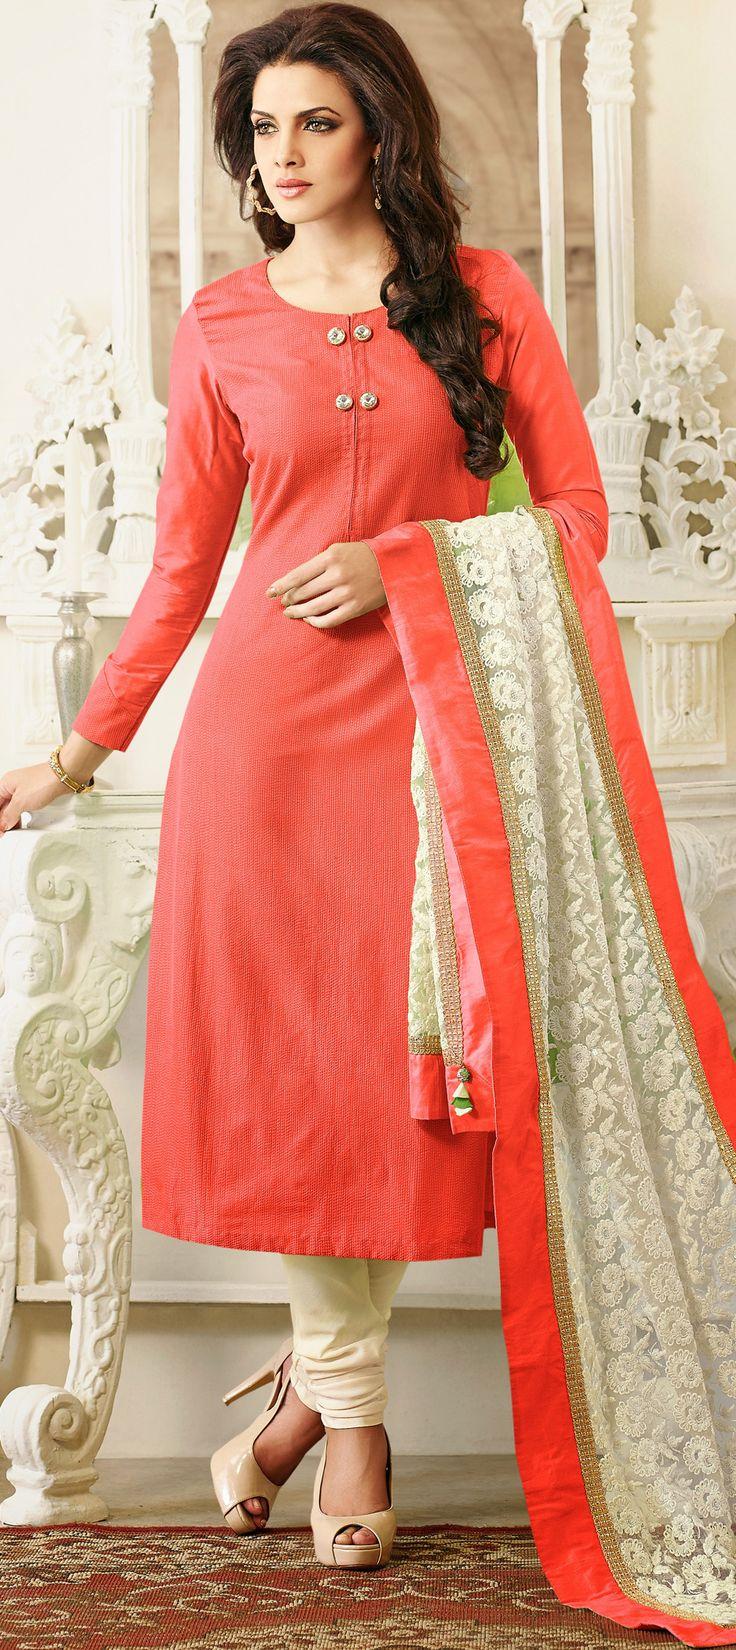 425513: Orange color family unstitched Party Wear Salwar Kameez.